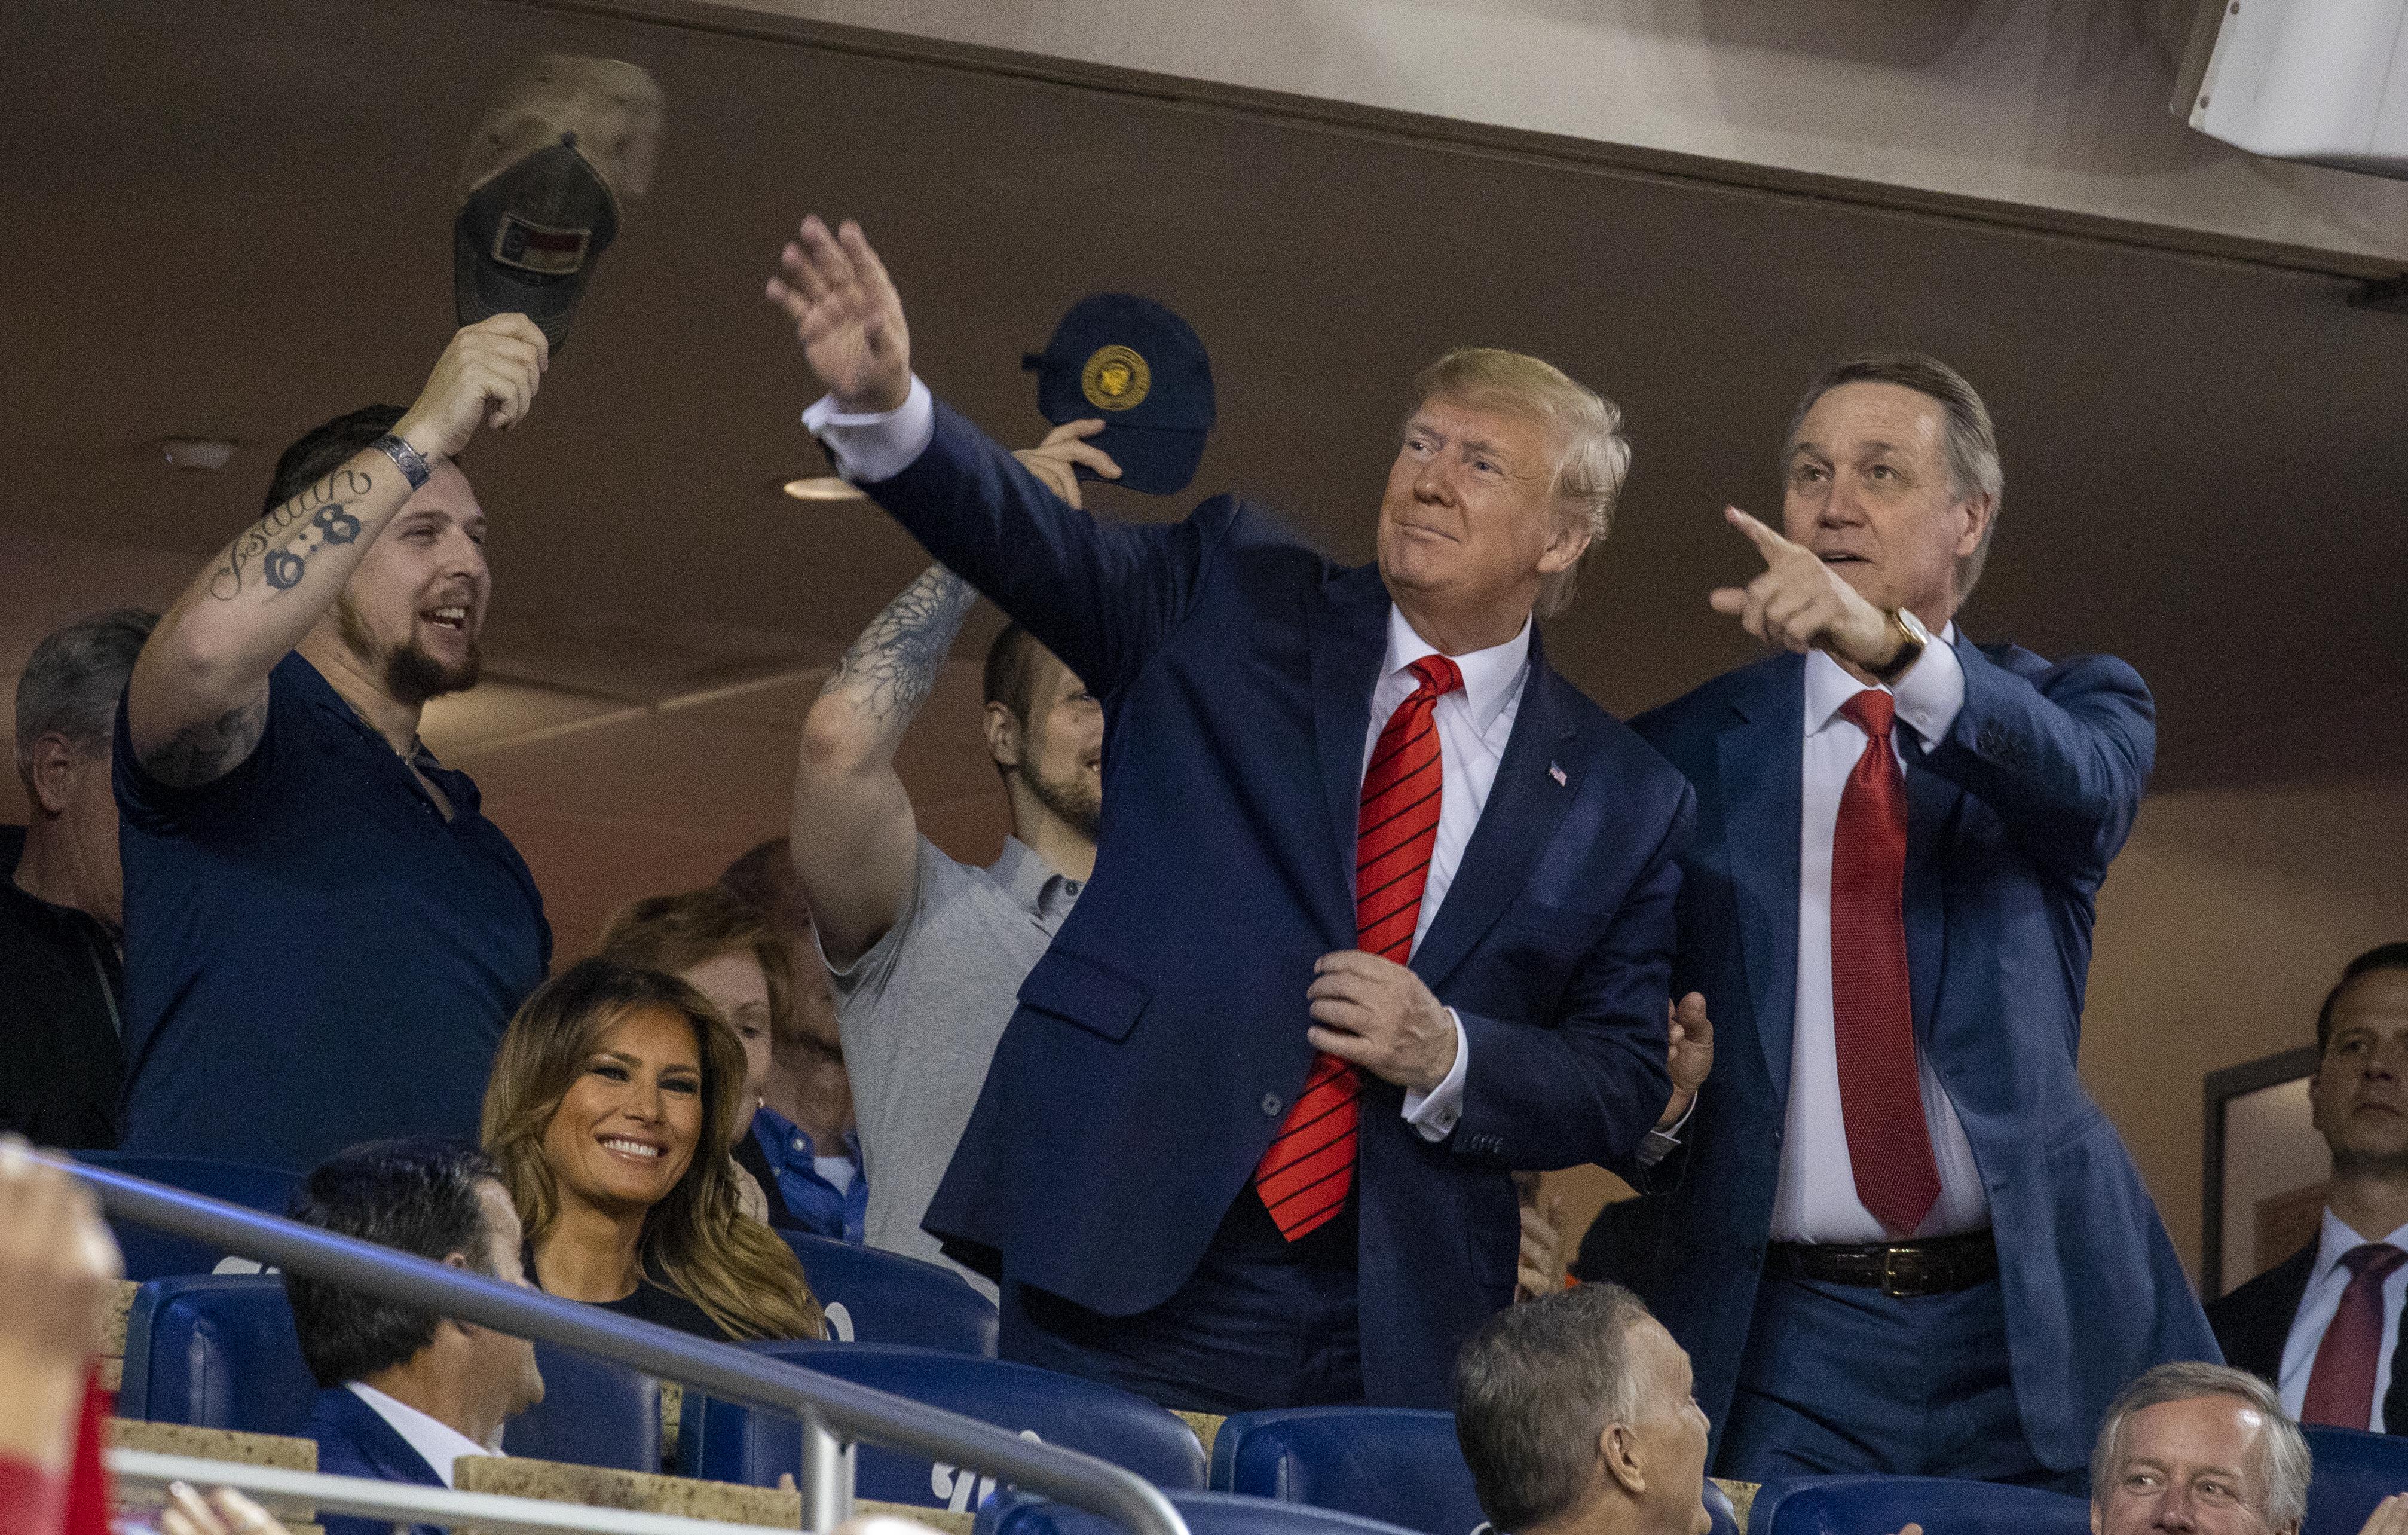 """""""Zárják be"""" - skandálta a közönség a baseball-meccsre látogató Trumpnak"""